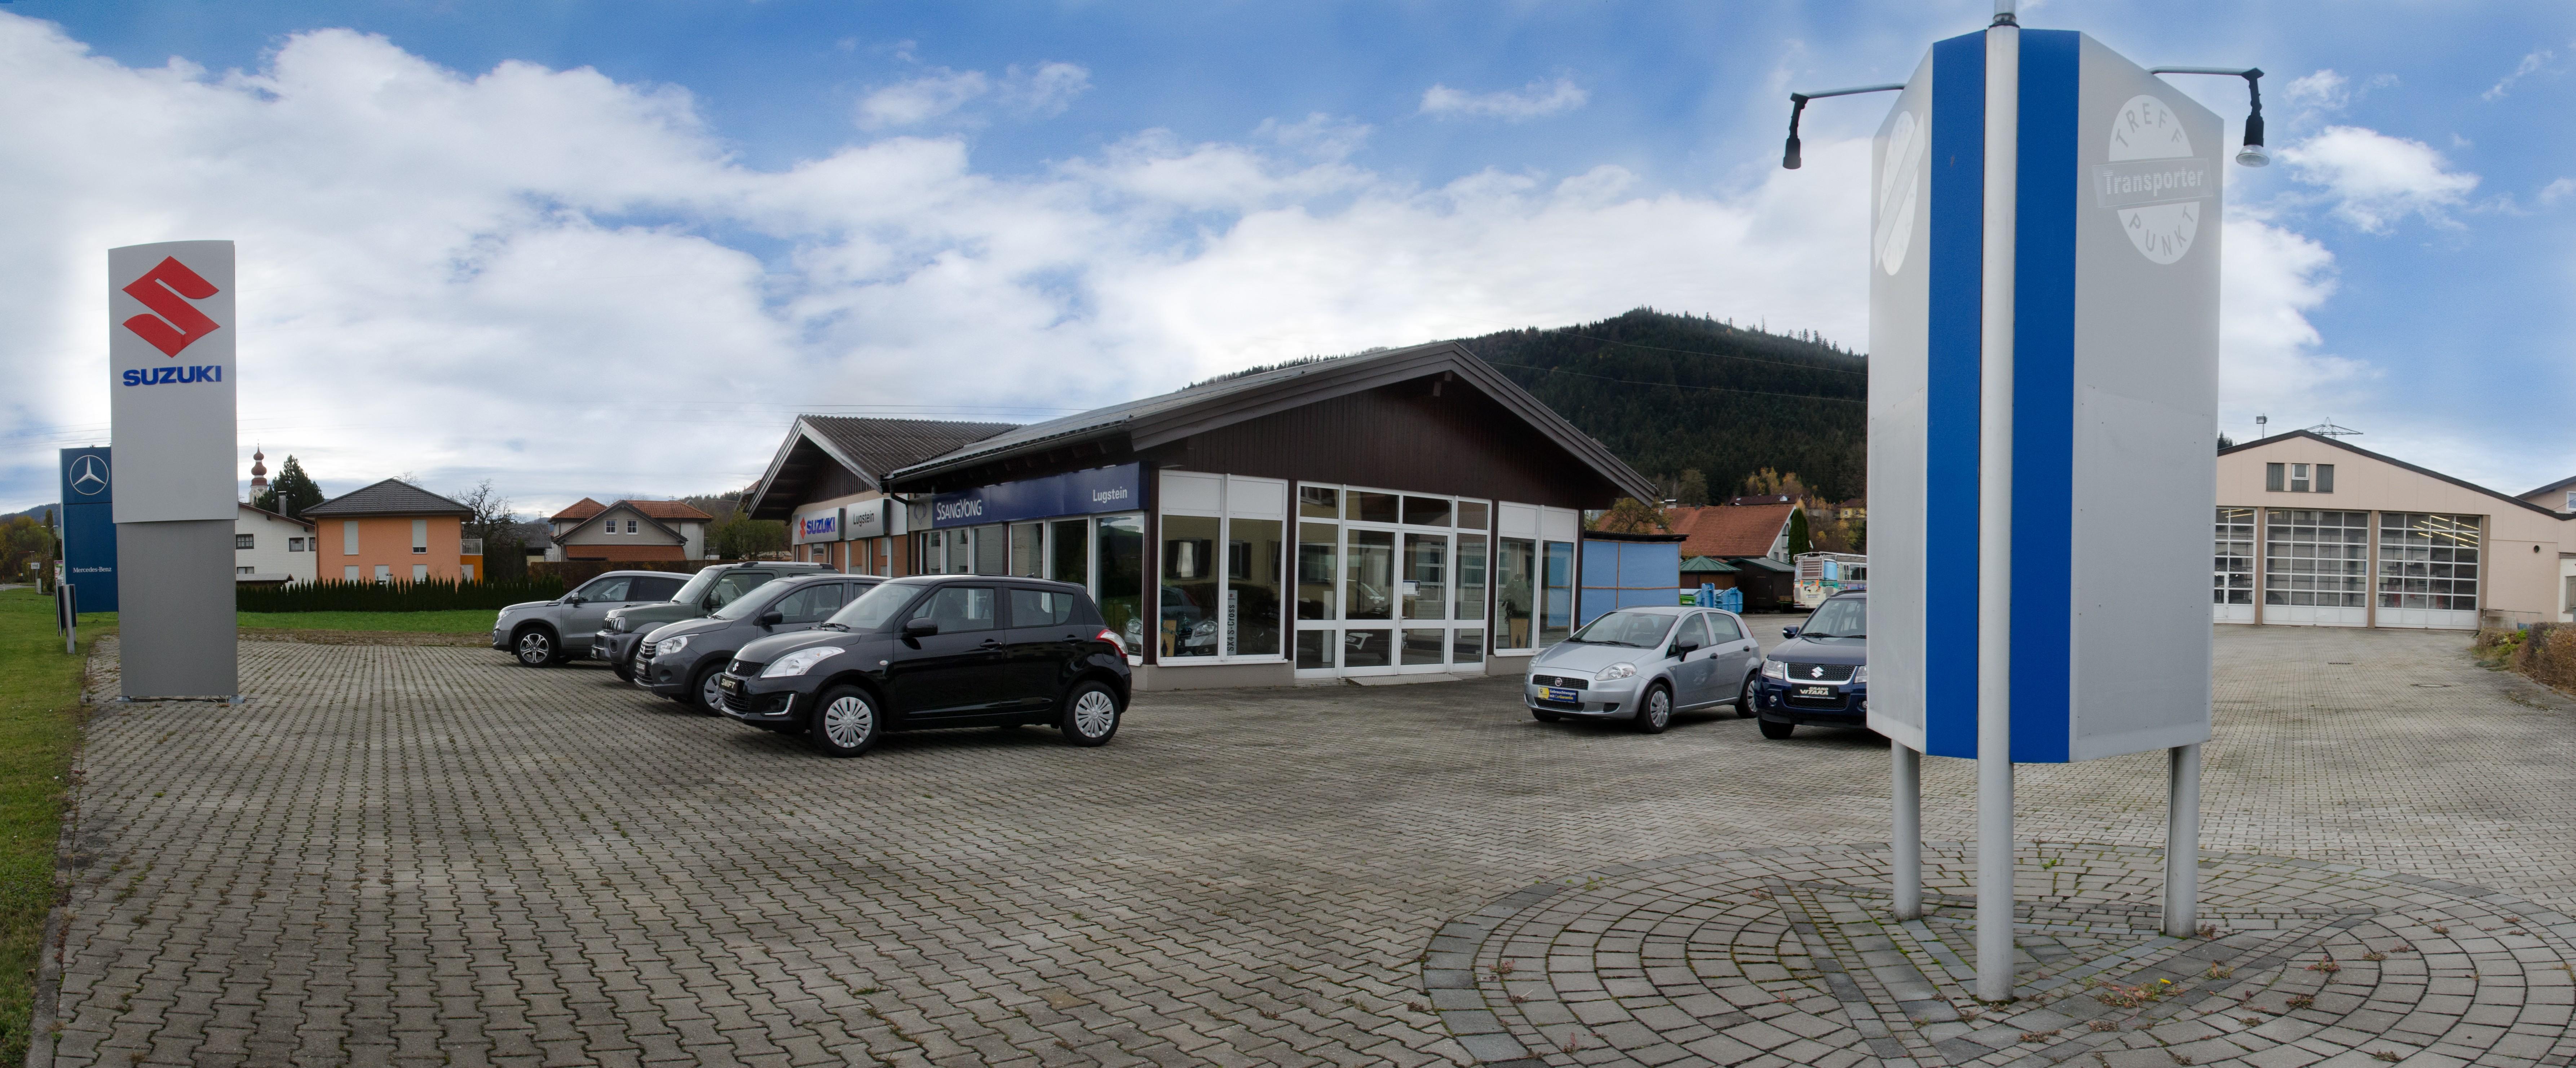 Autohaus Lugstein In Strasswalchen Kfz Reparatur Kfz